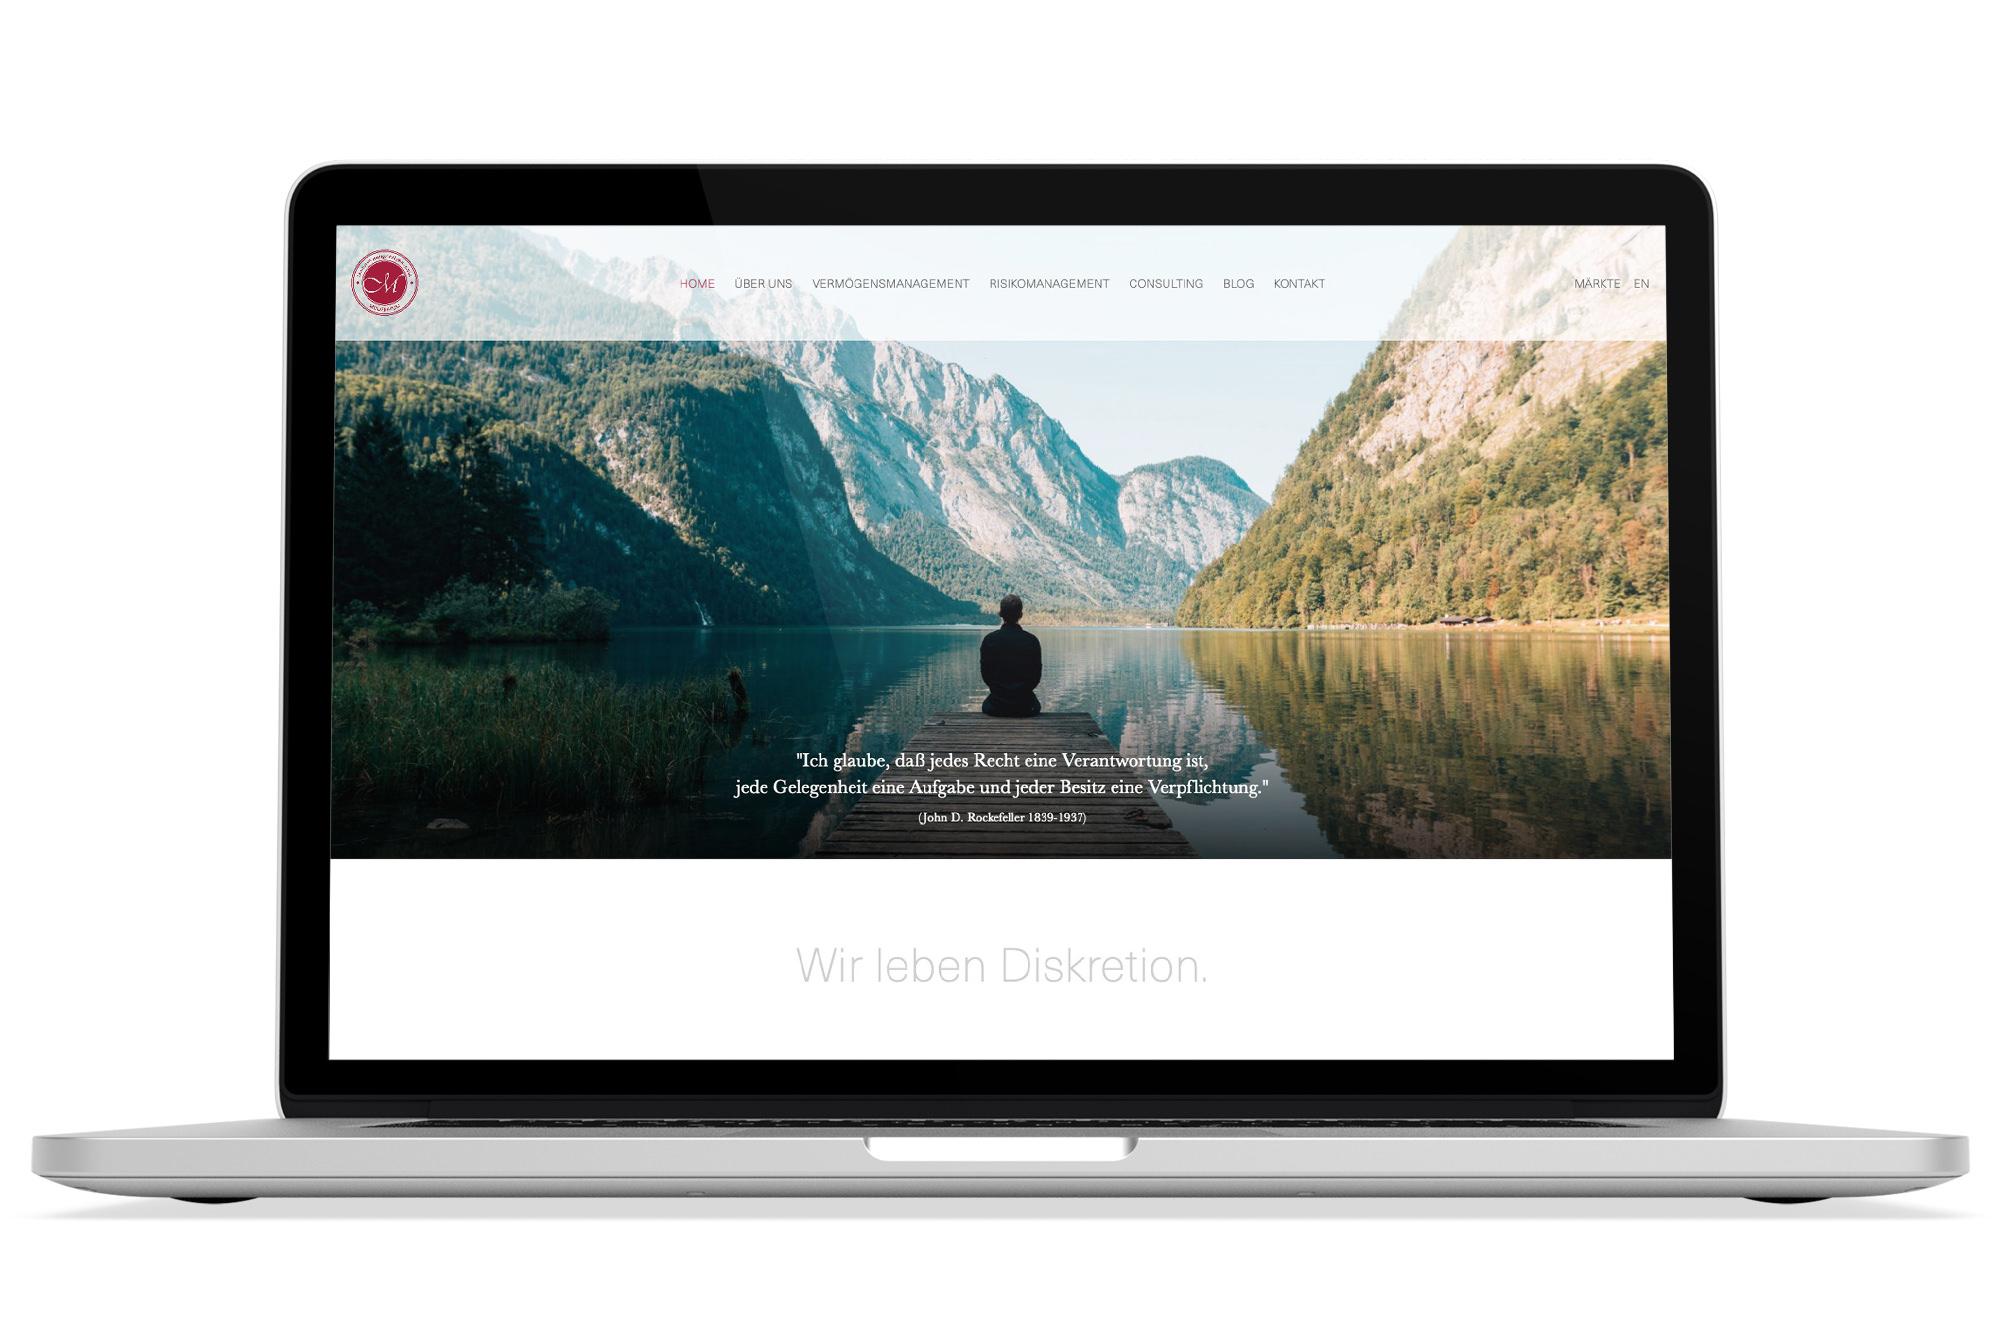 Webdesign Beispiel: Corporate Design, Webdesign für Finanzberatung, Vermögensmanagement & Risikomanagement